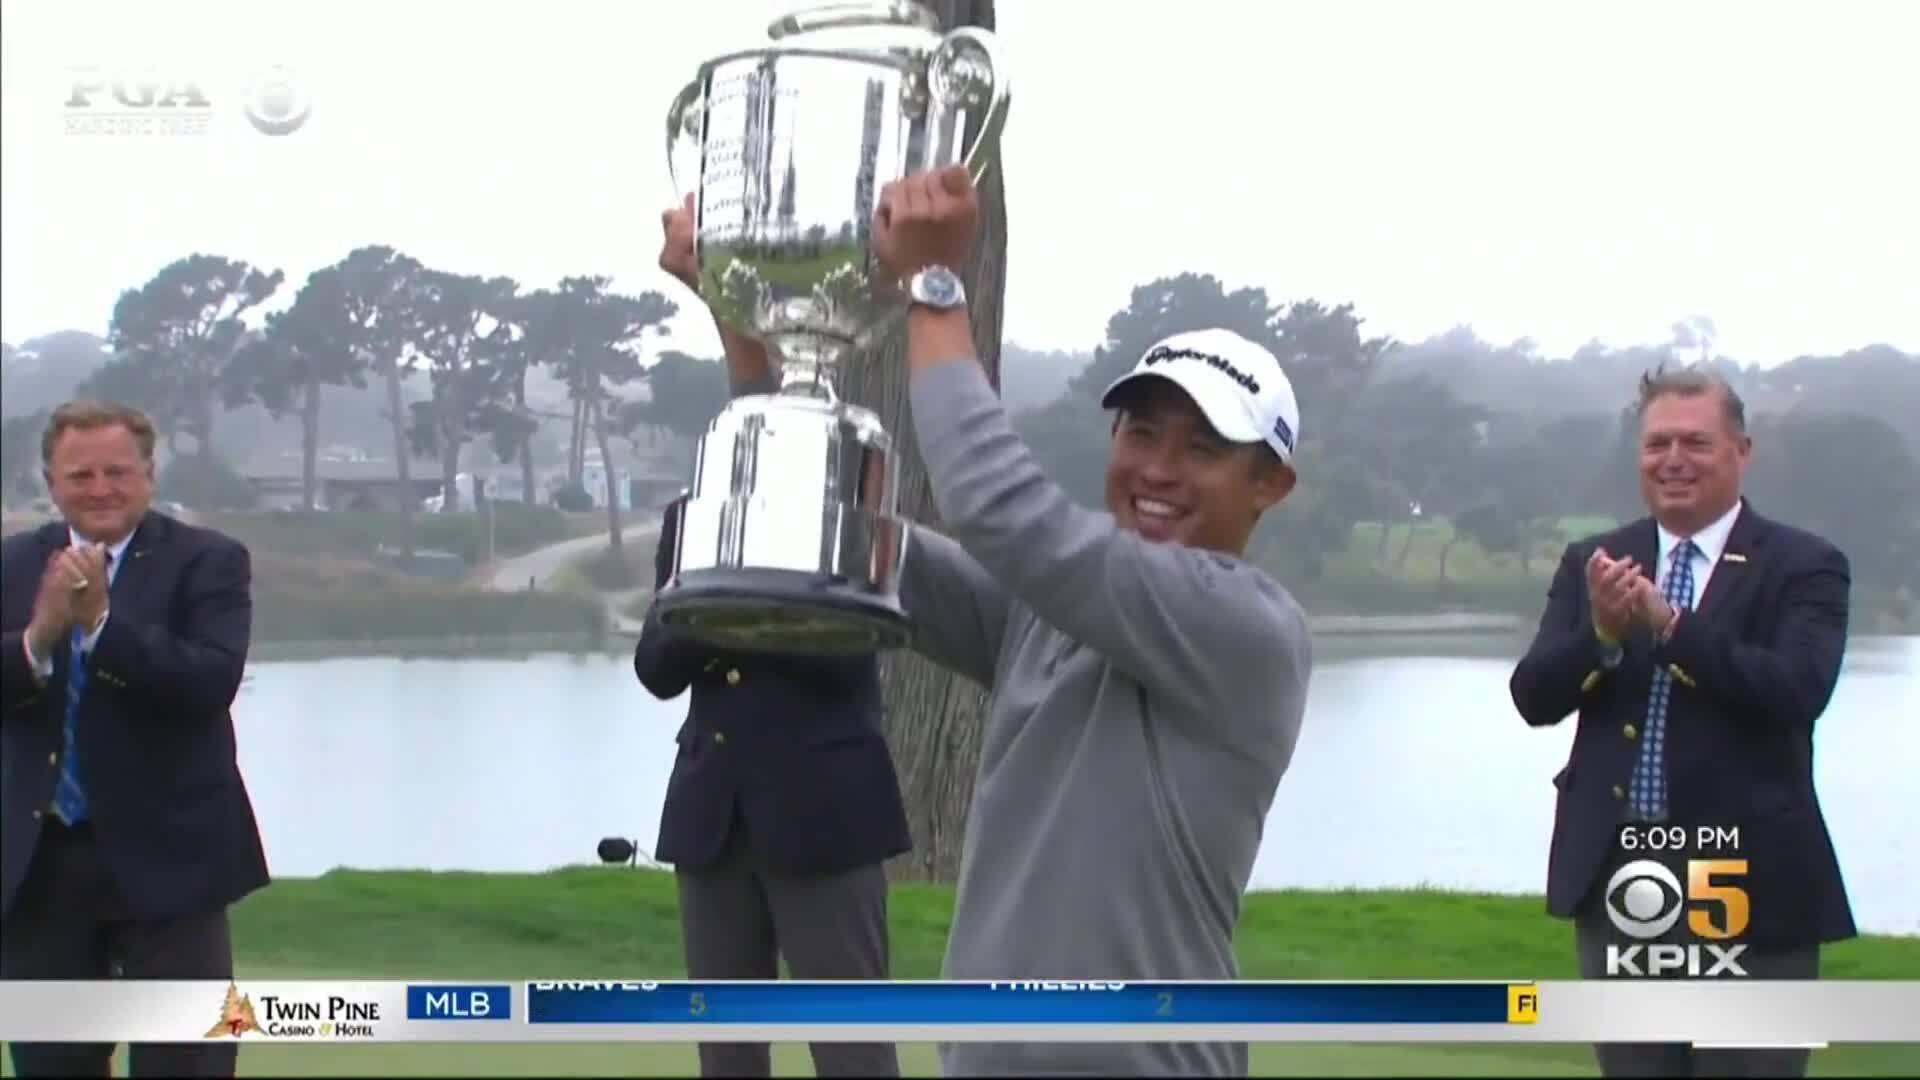 Golfer làm rơi nắp Cup